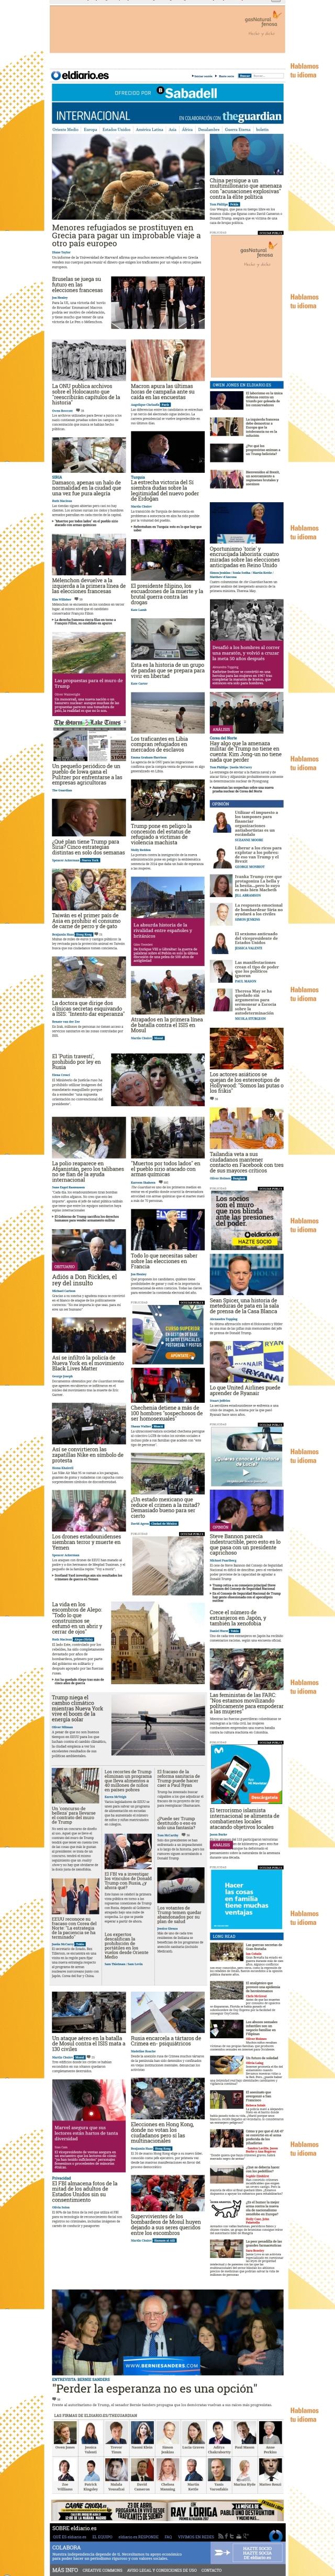 FireShot Screen Capture #003 - 'Internacional - eldiario_es en colaboración con theGuardian' - www_eldiario_es_theguardian